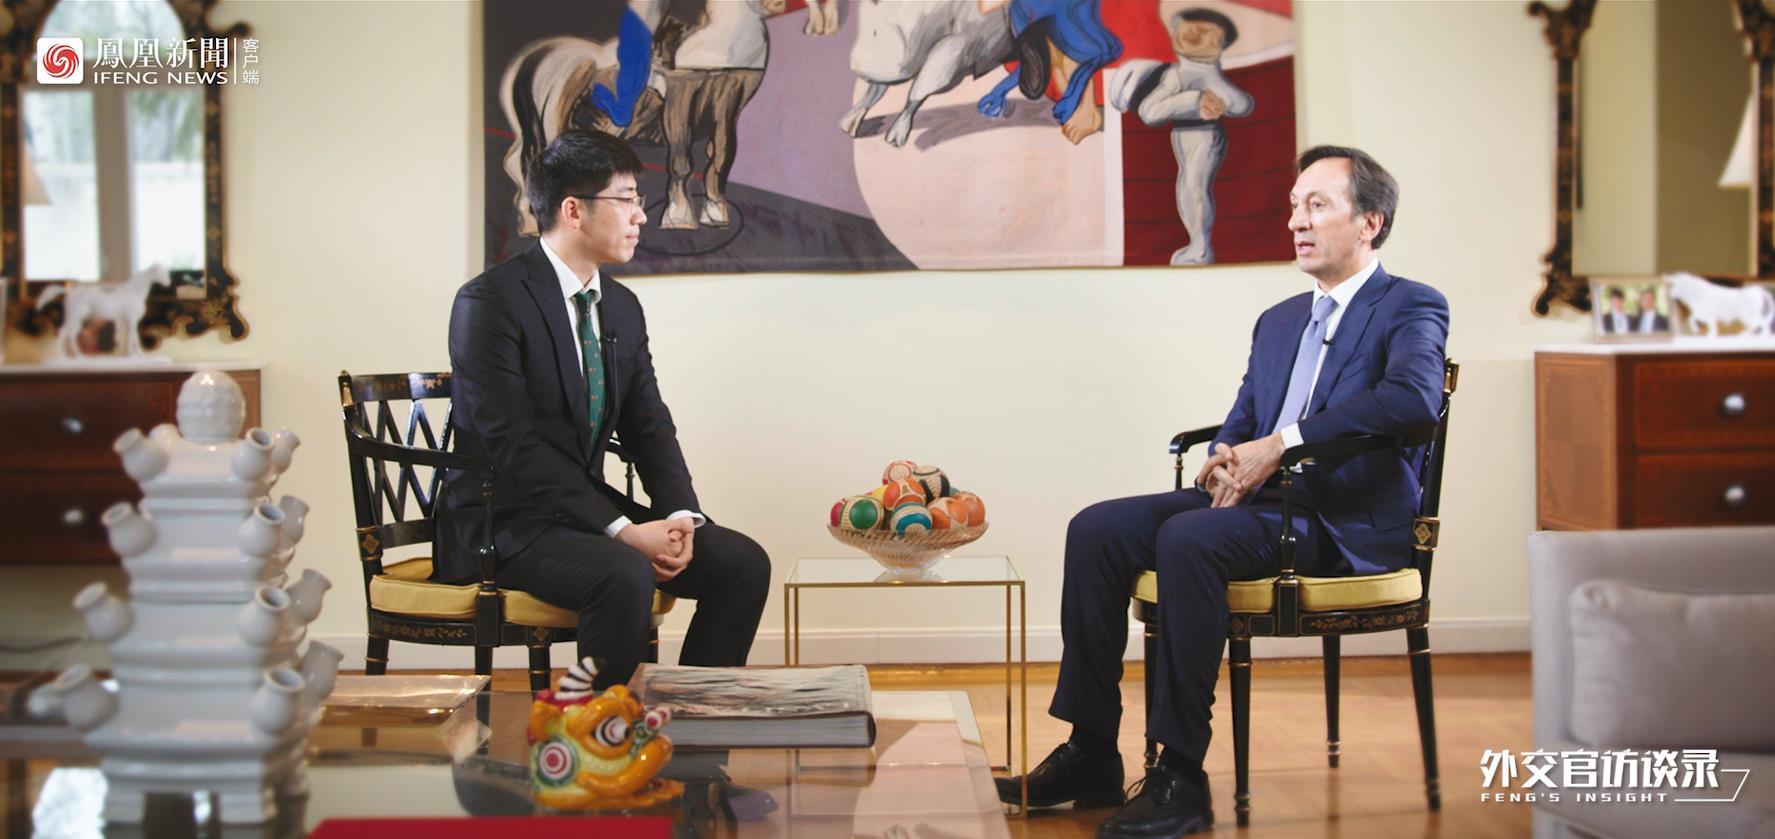 葡萄牙驻华大使杜傲杰:我每天花2小时学习中国传统著作